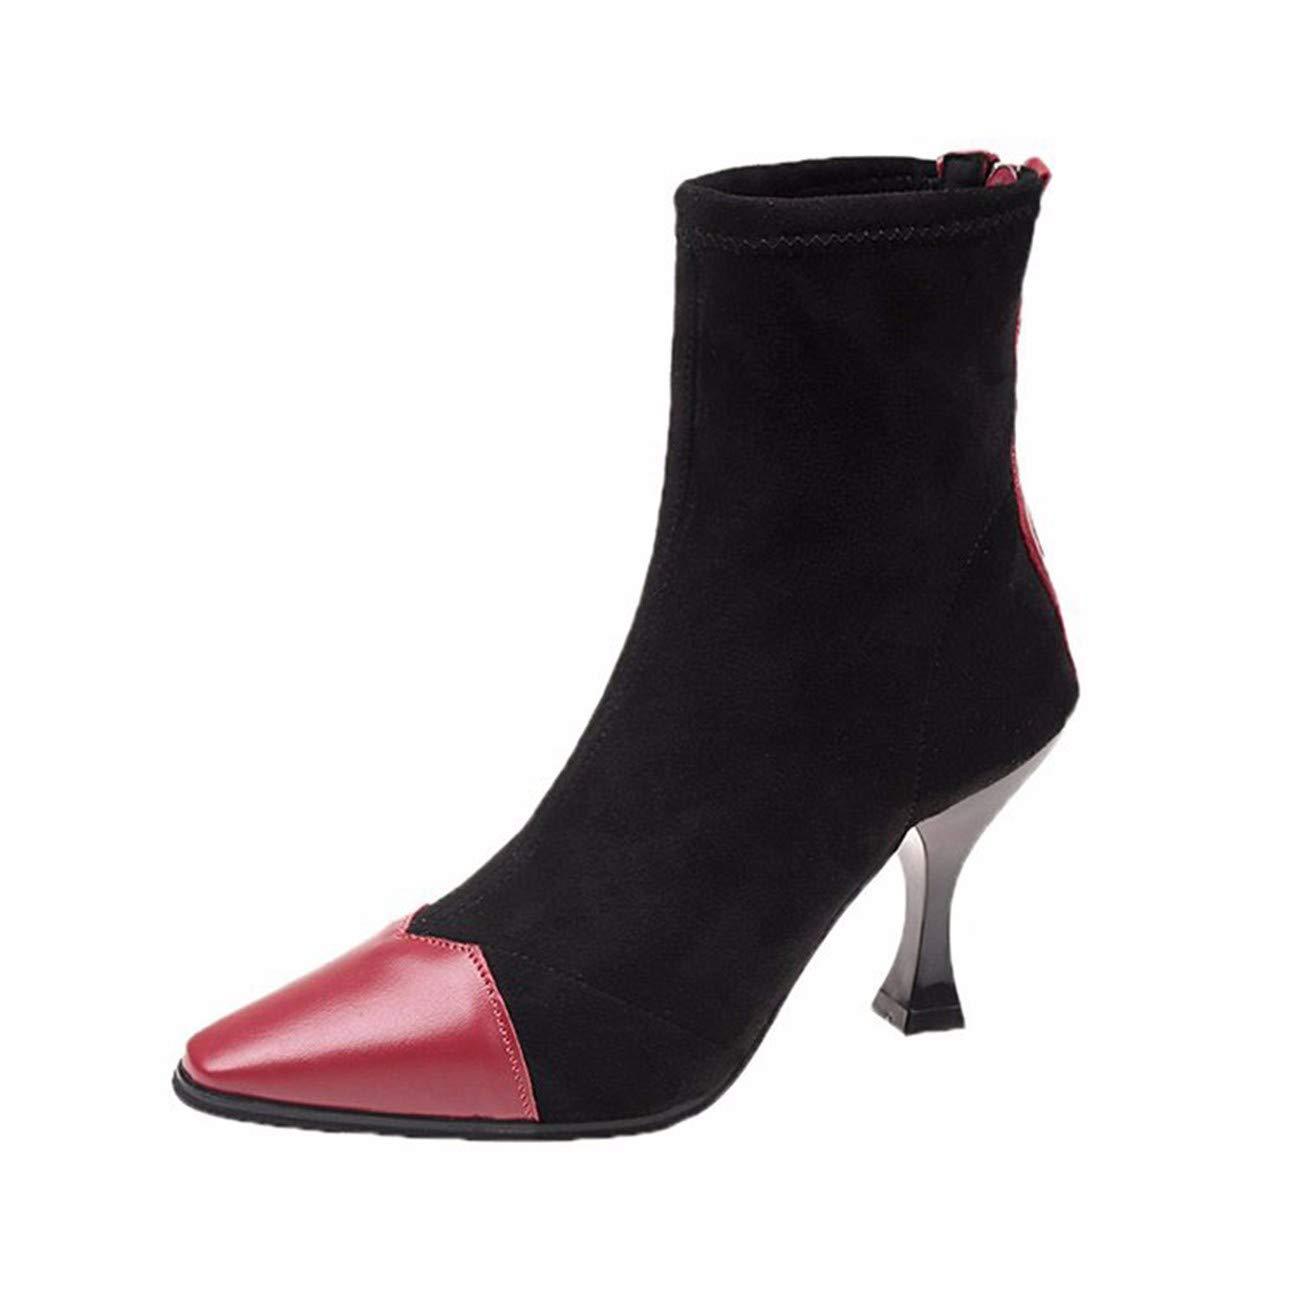 QPGGP-Stiefel Frauen - Stiefel Und Schuhe